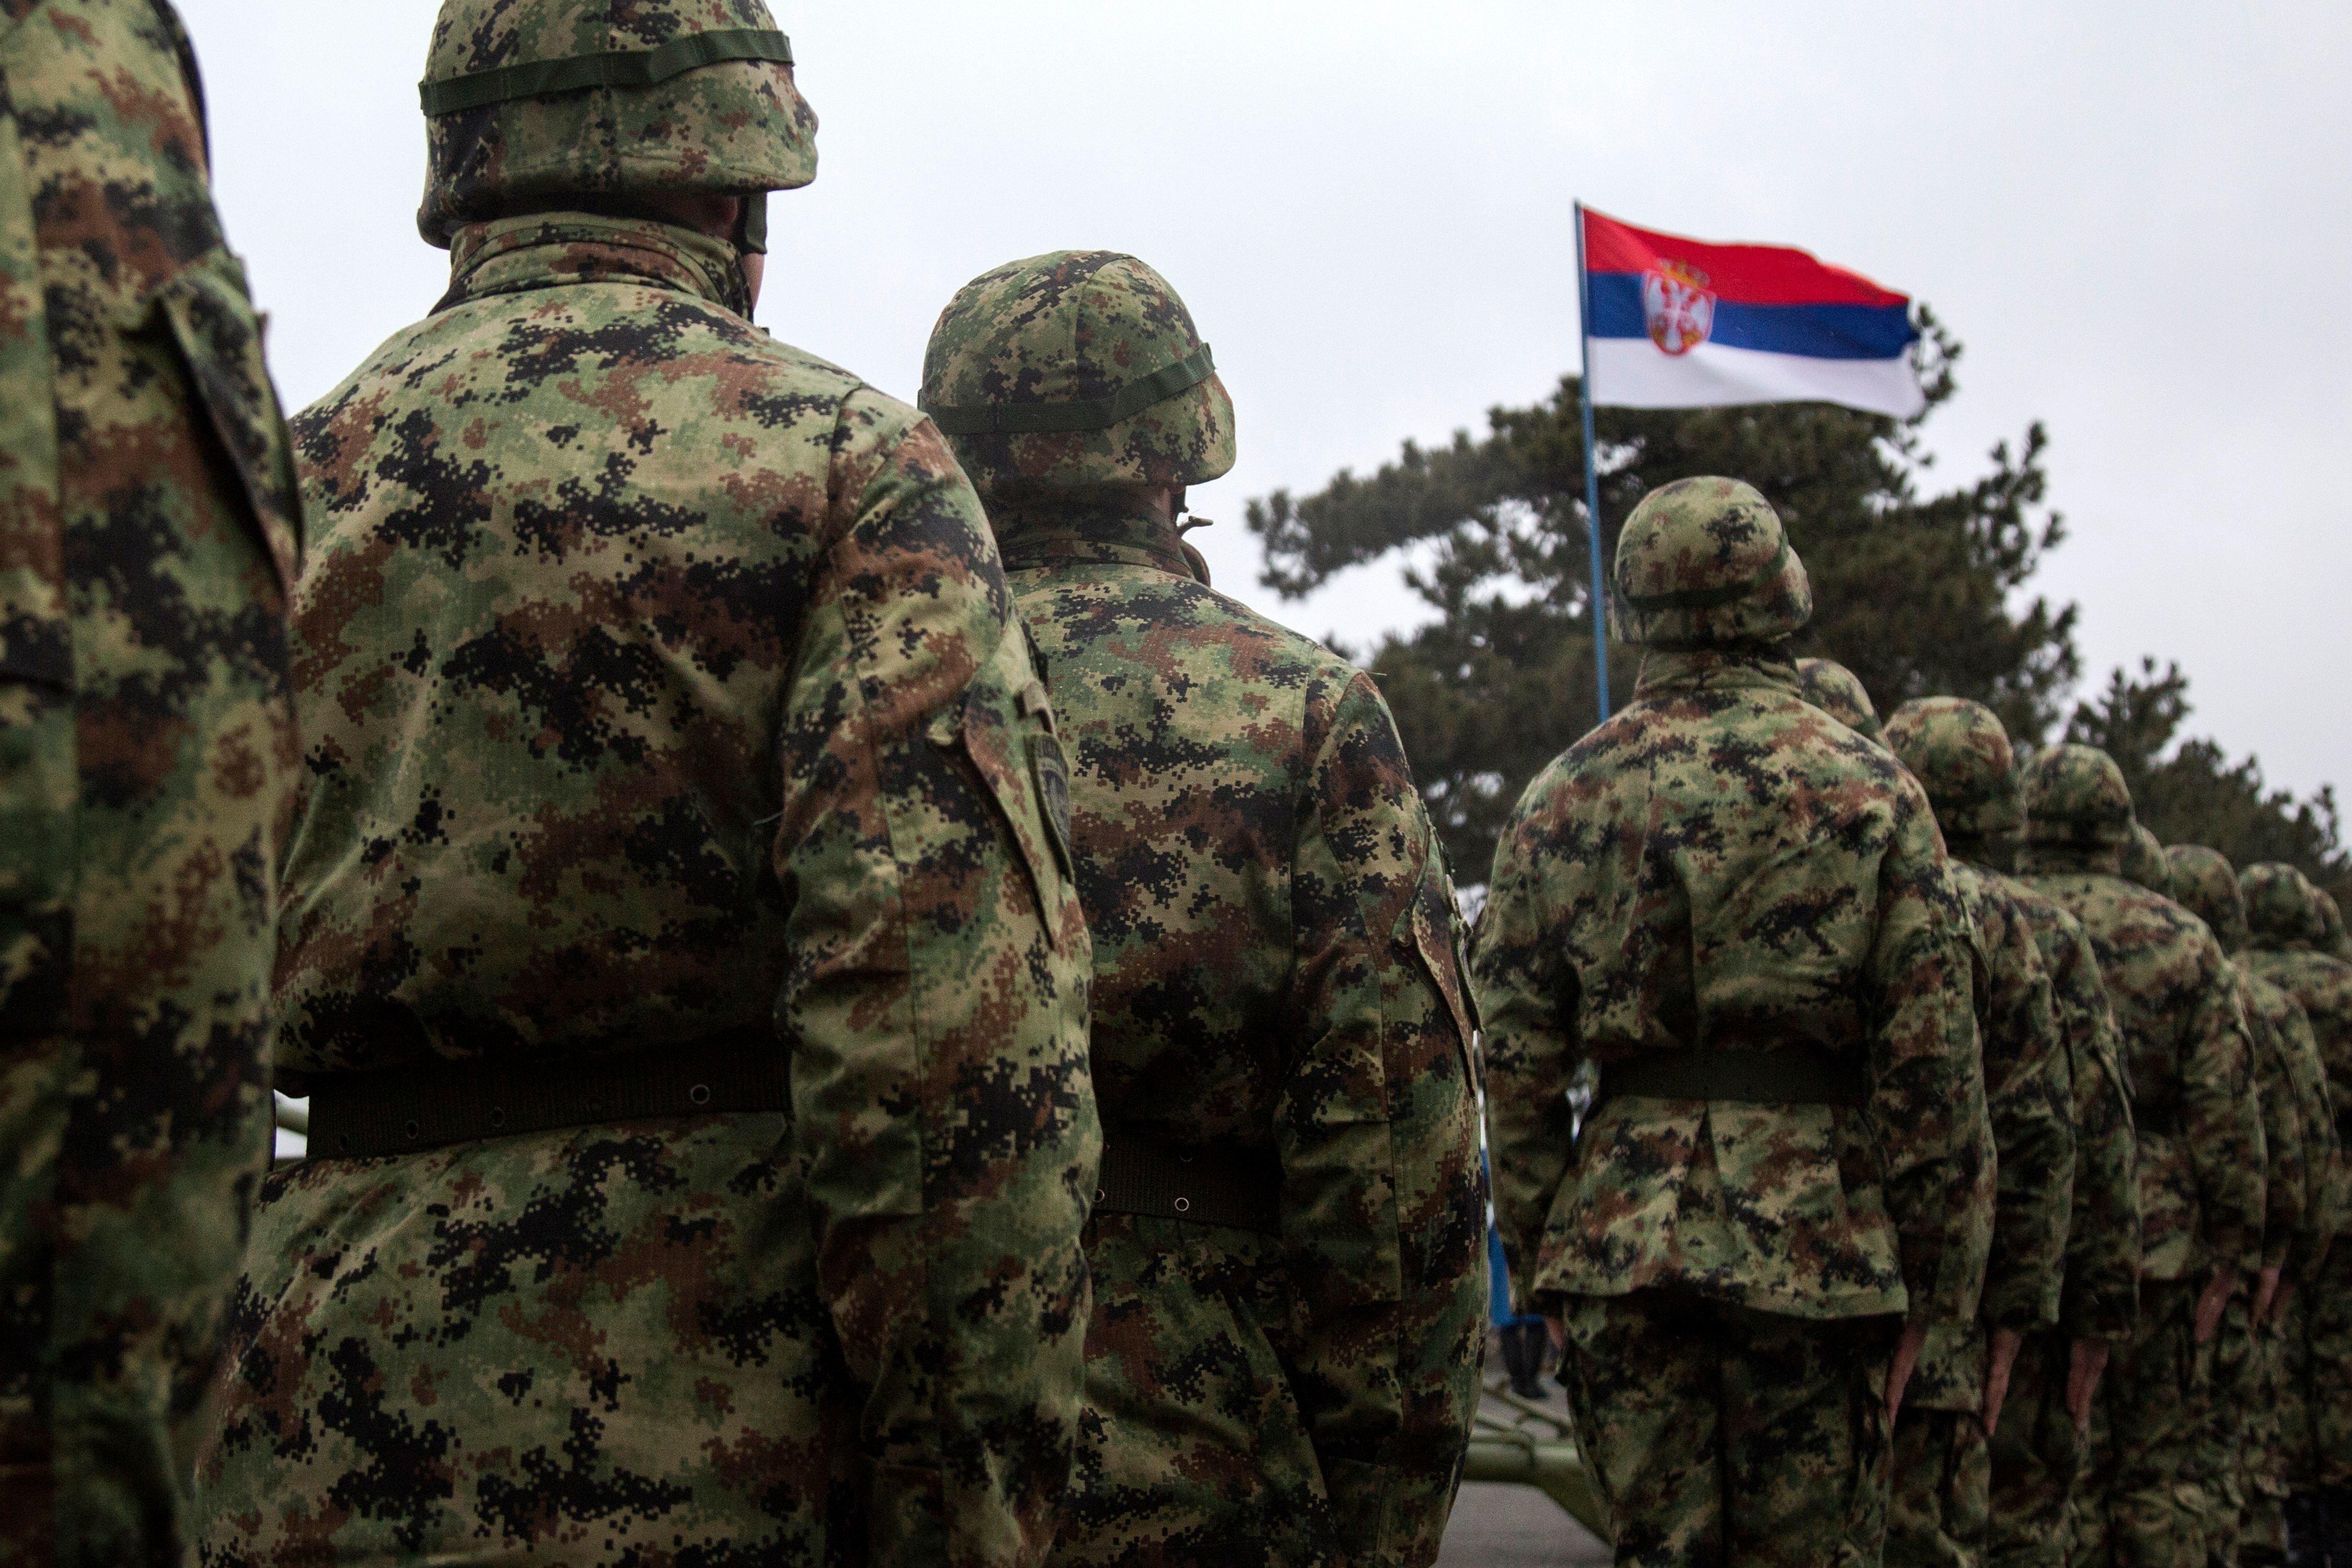 Επικίνδυνη κλιμάκωση στις σχέσεις Σερβίας-Κοσσόβου. Σε ύψιστη ετοιμότητα ο σερβικός